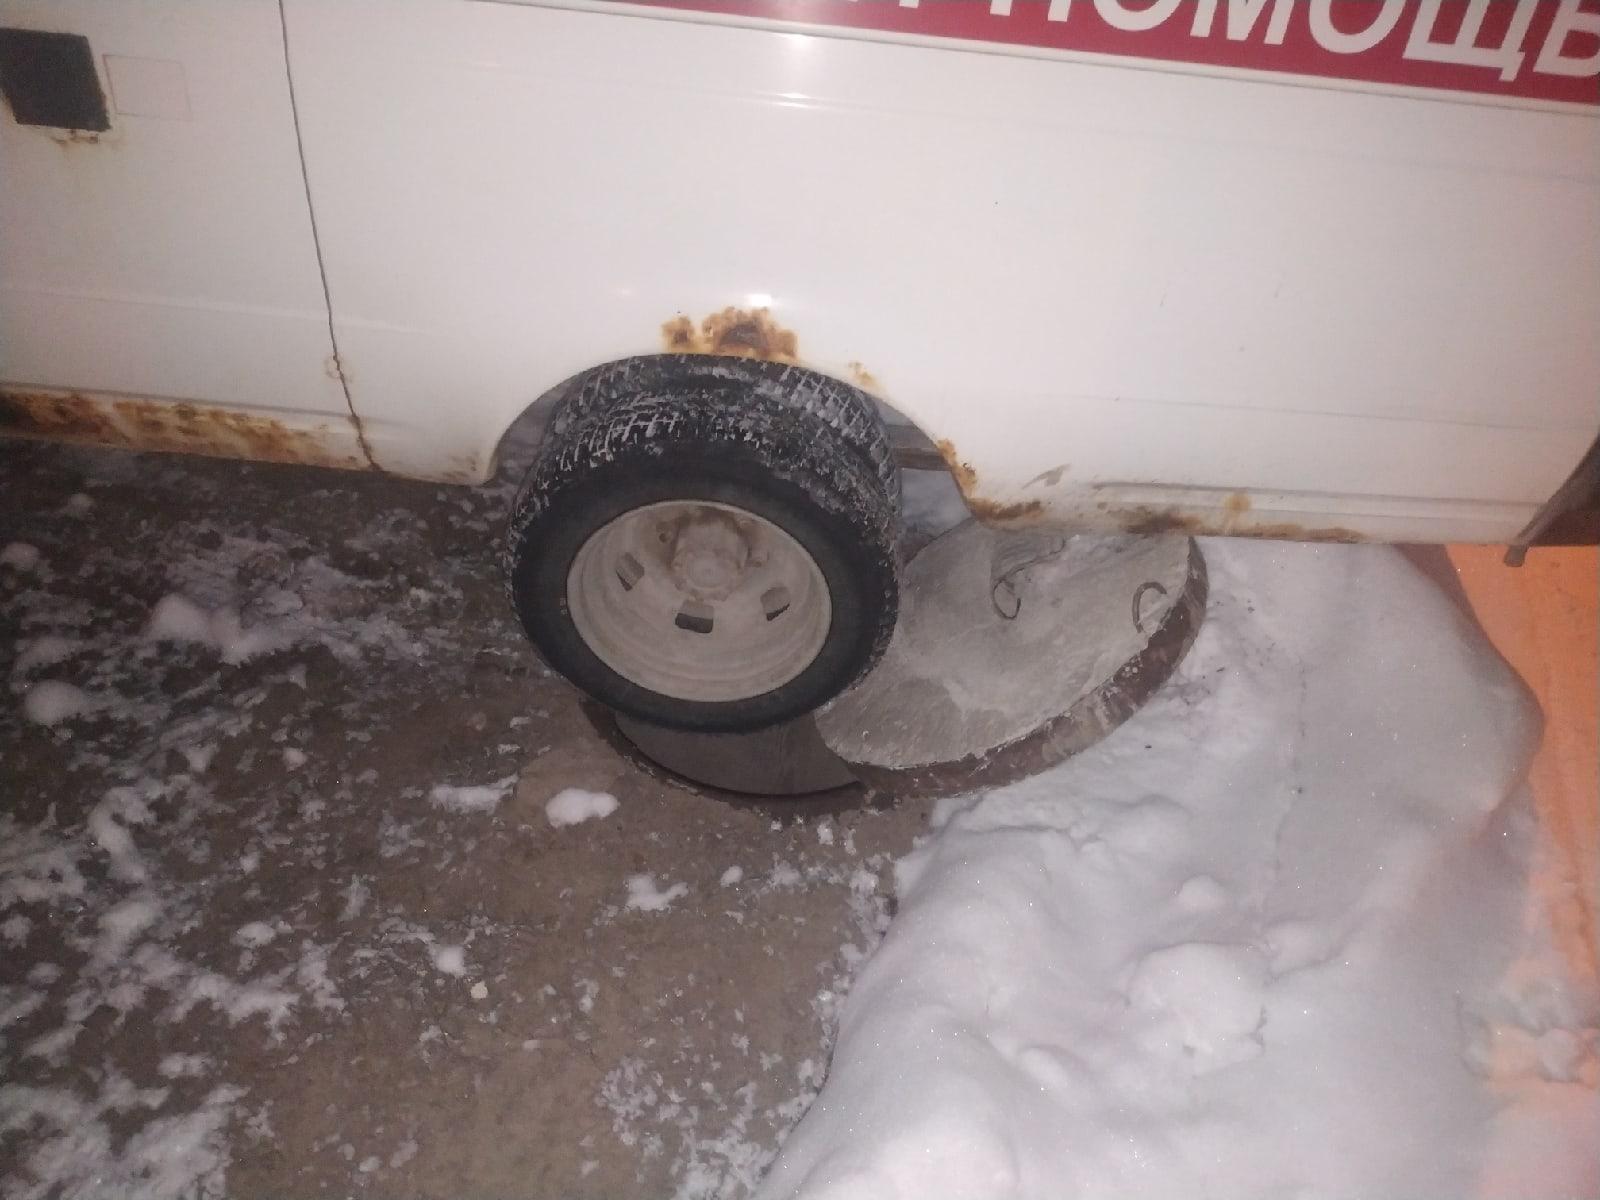 фото Скорая провалилась в канализационный колодец в Новосибирске 2